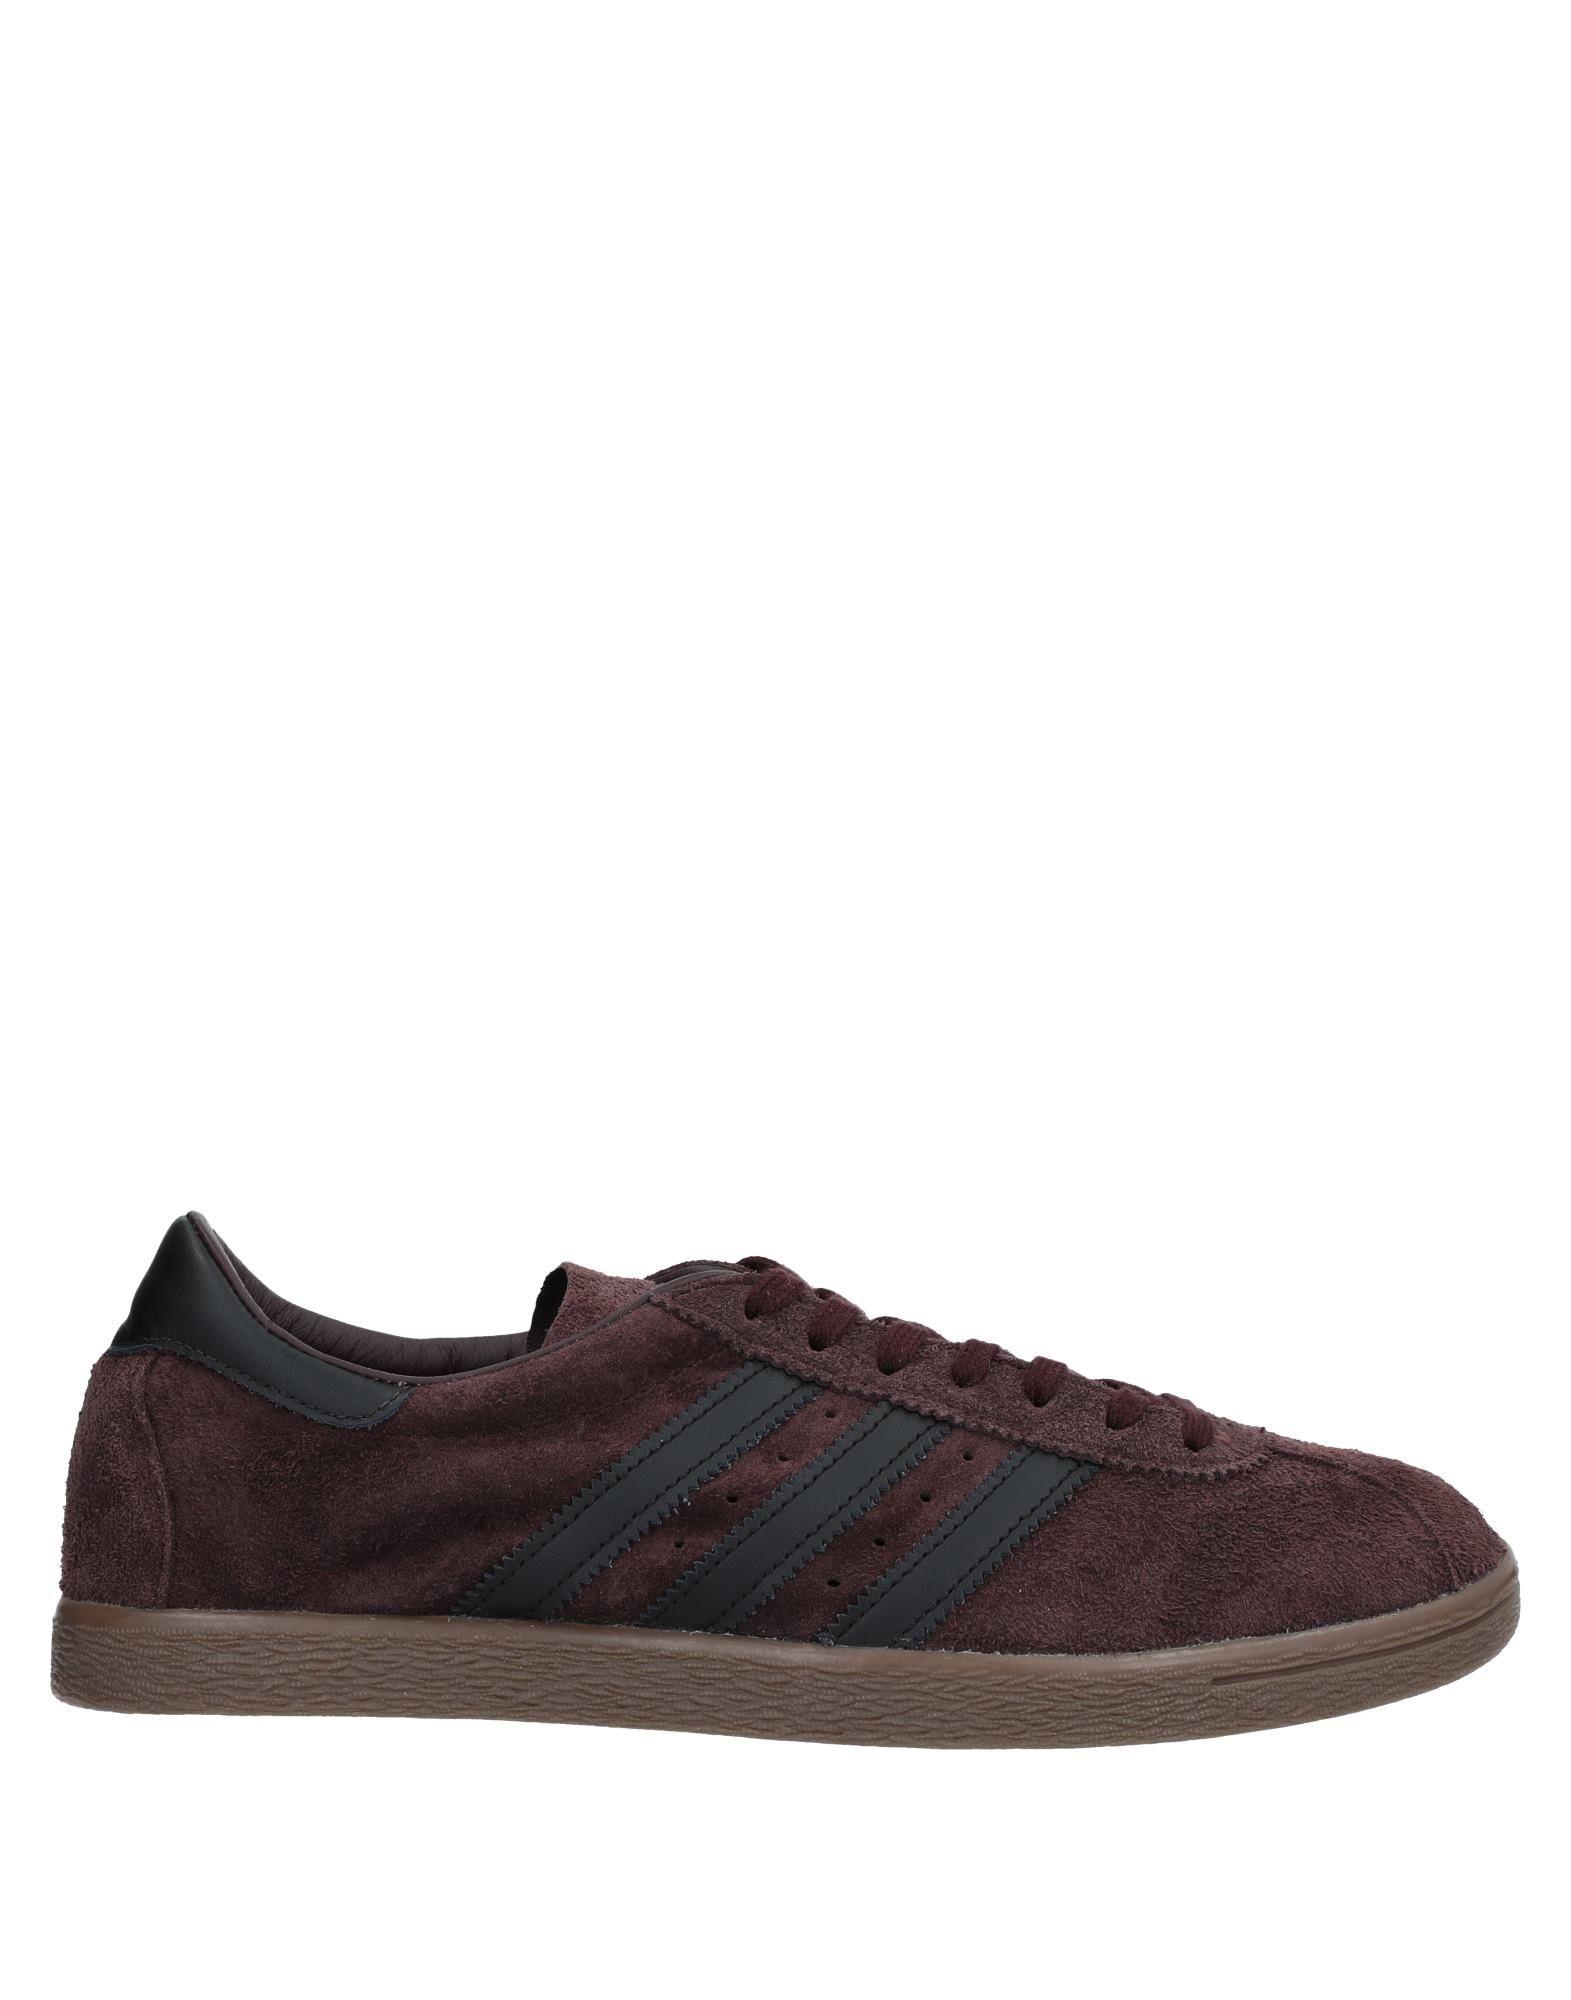 Rabatt echte Schuhe Adidas Originals Sneakers Herren  11537141JE